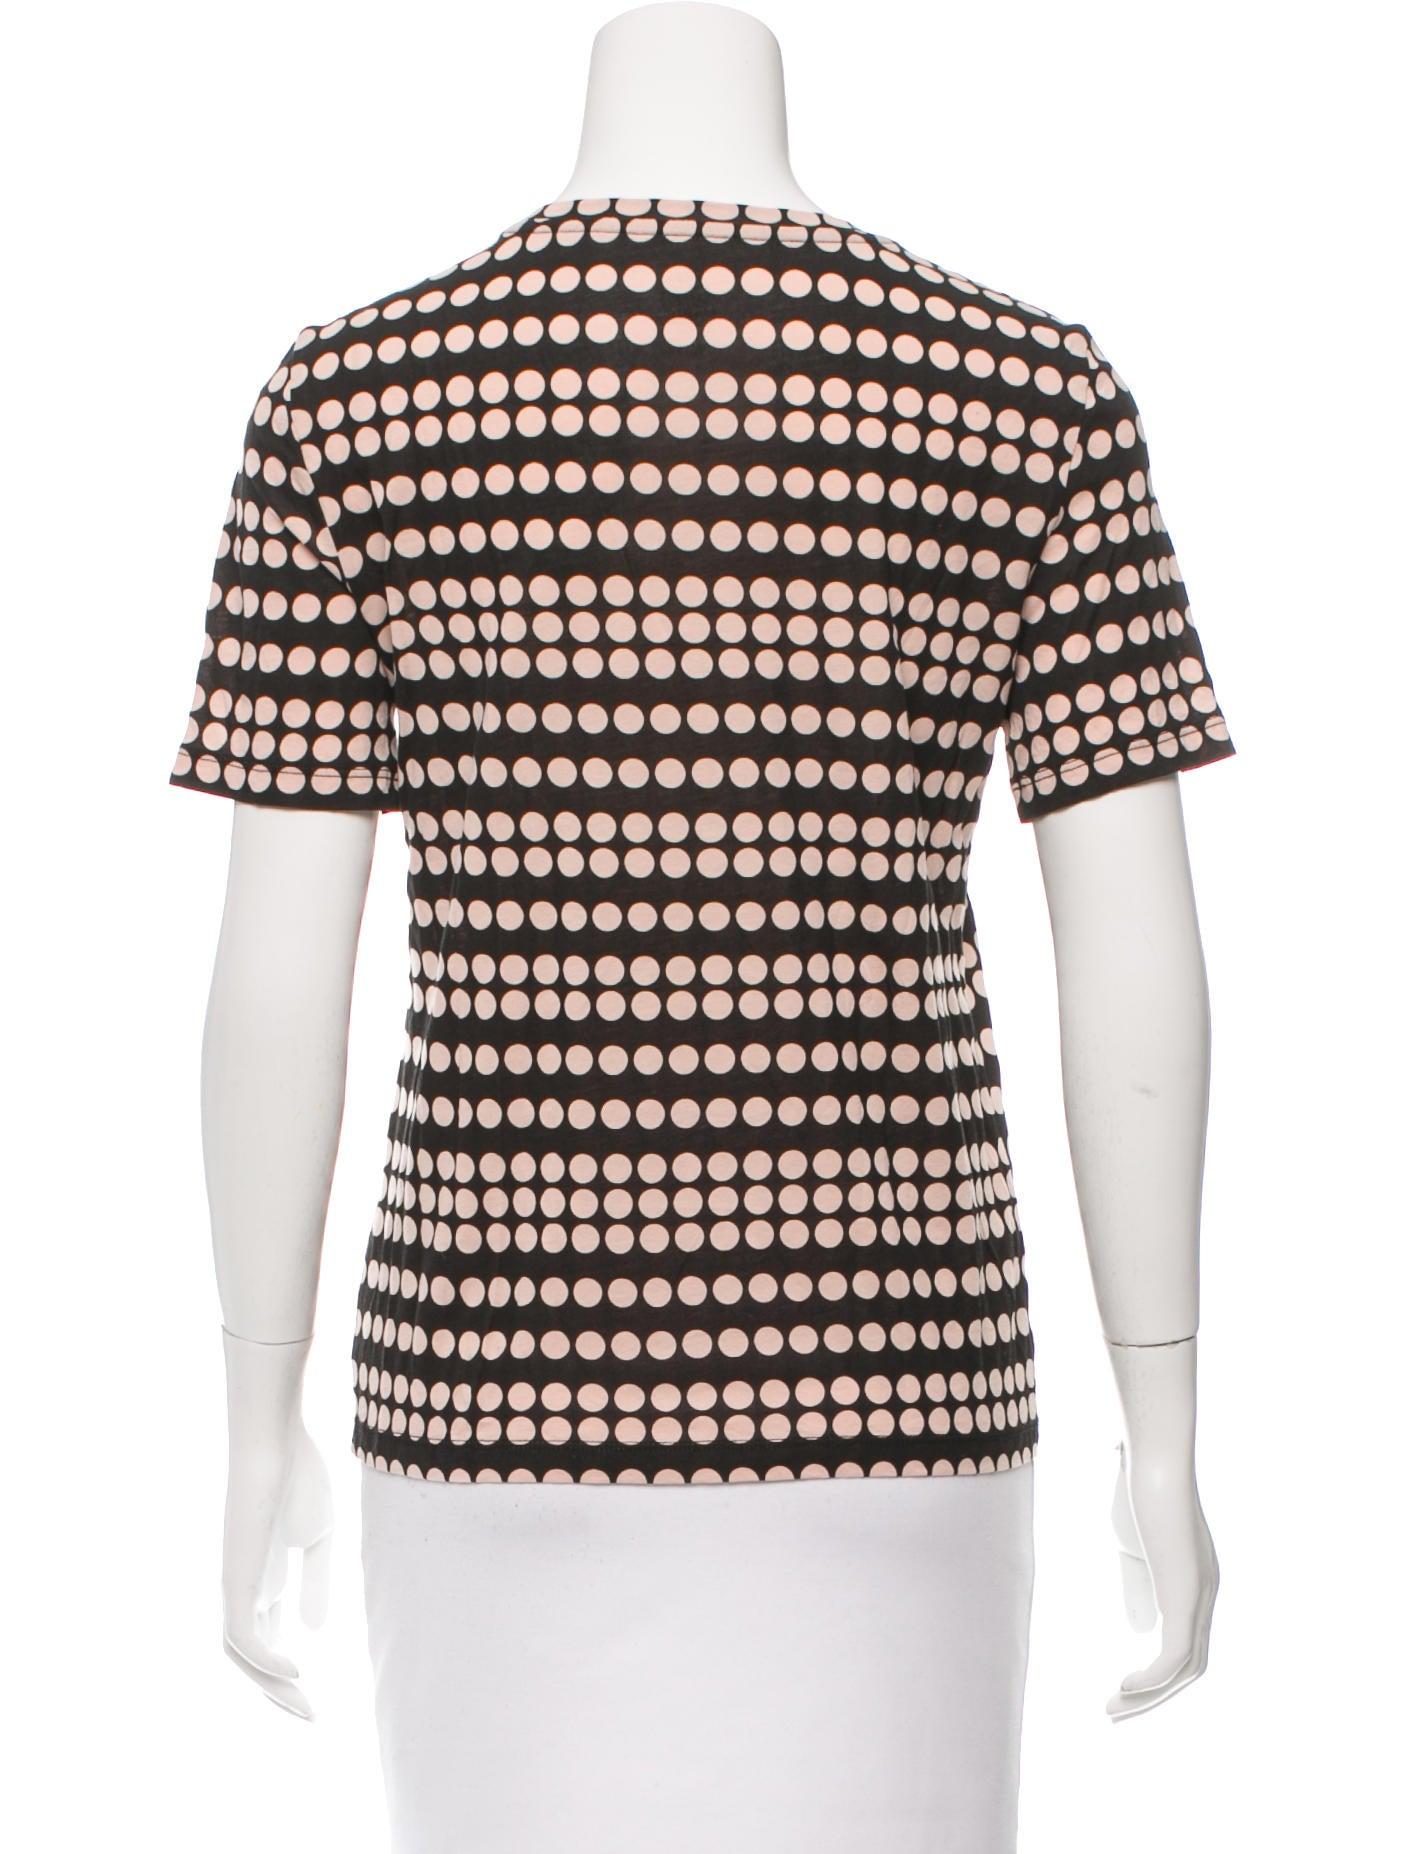 Tory Burch Short Sleeve Polka Dot T Shirt Clothing